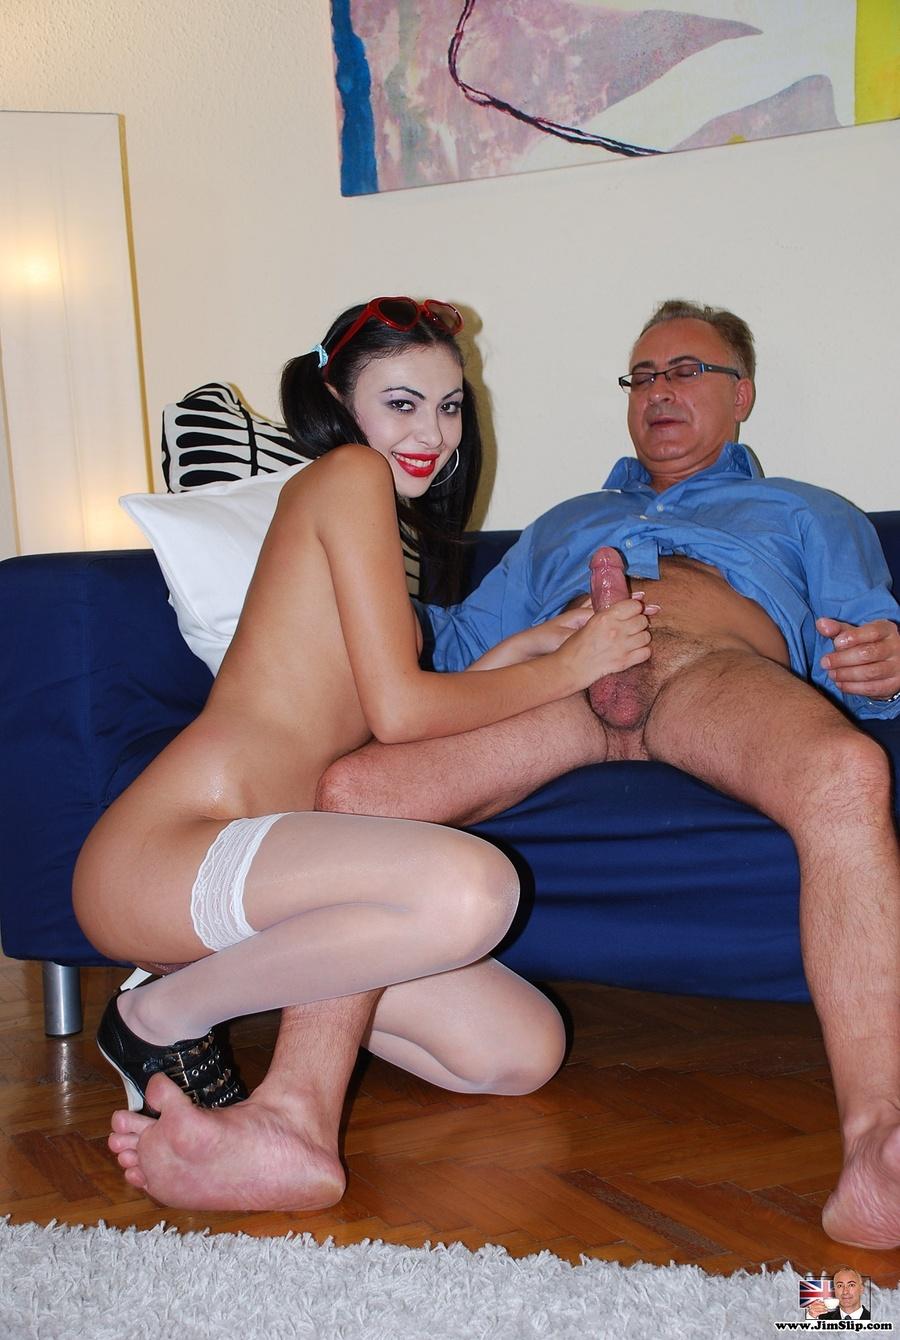 Смотреть порно бесплатно про деда и внучку 3 фотография